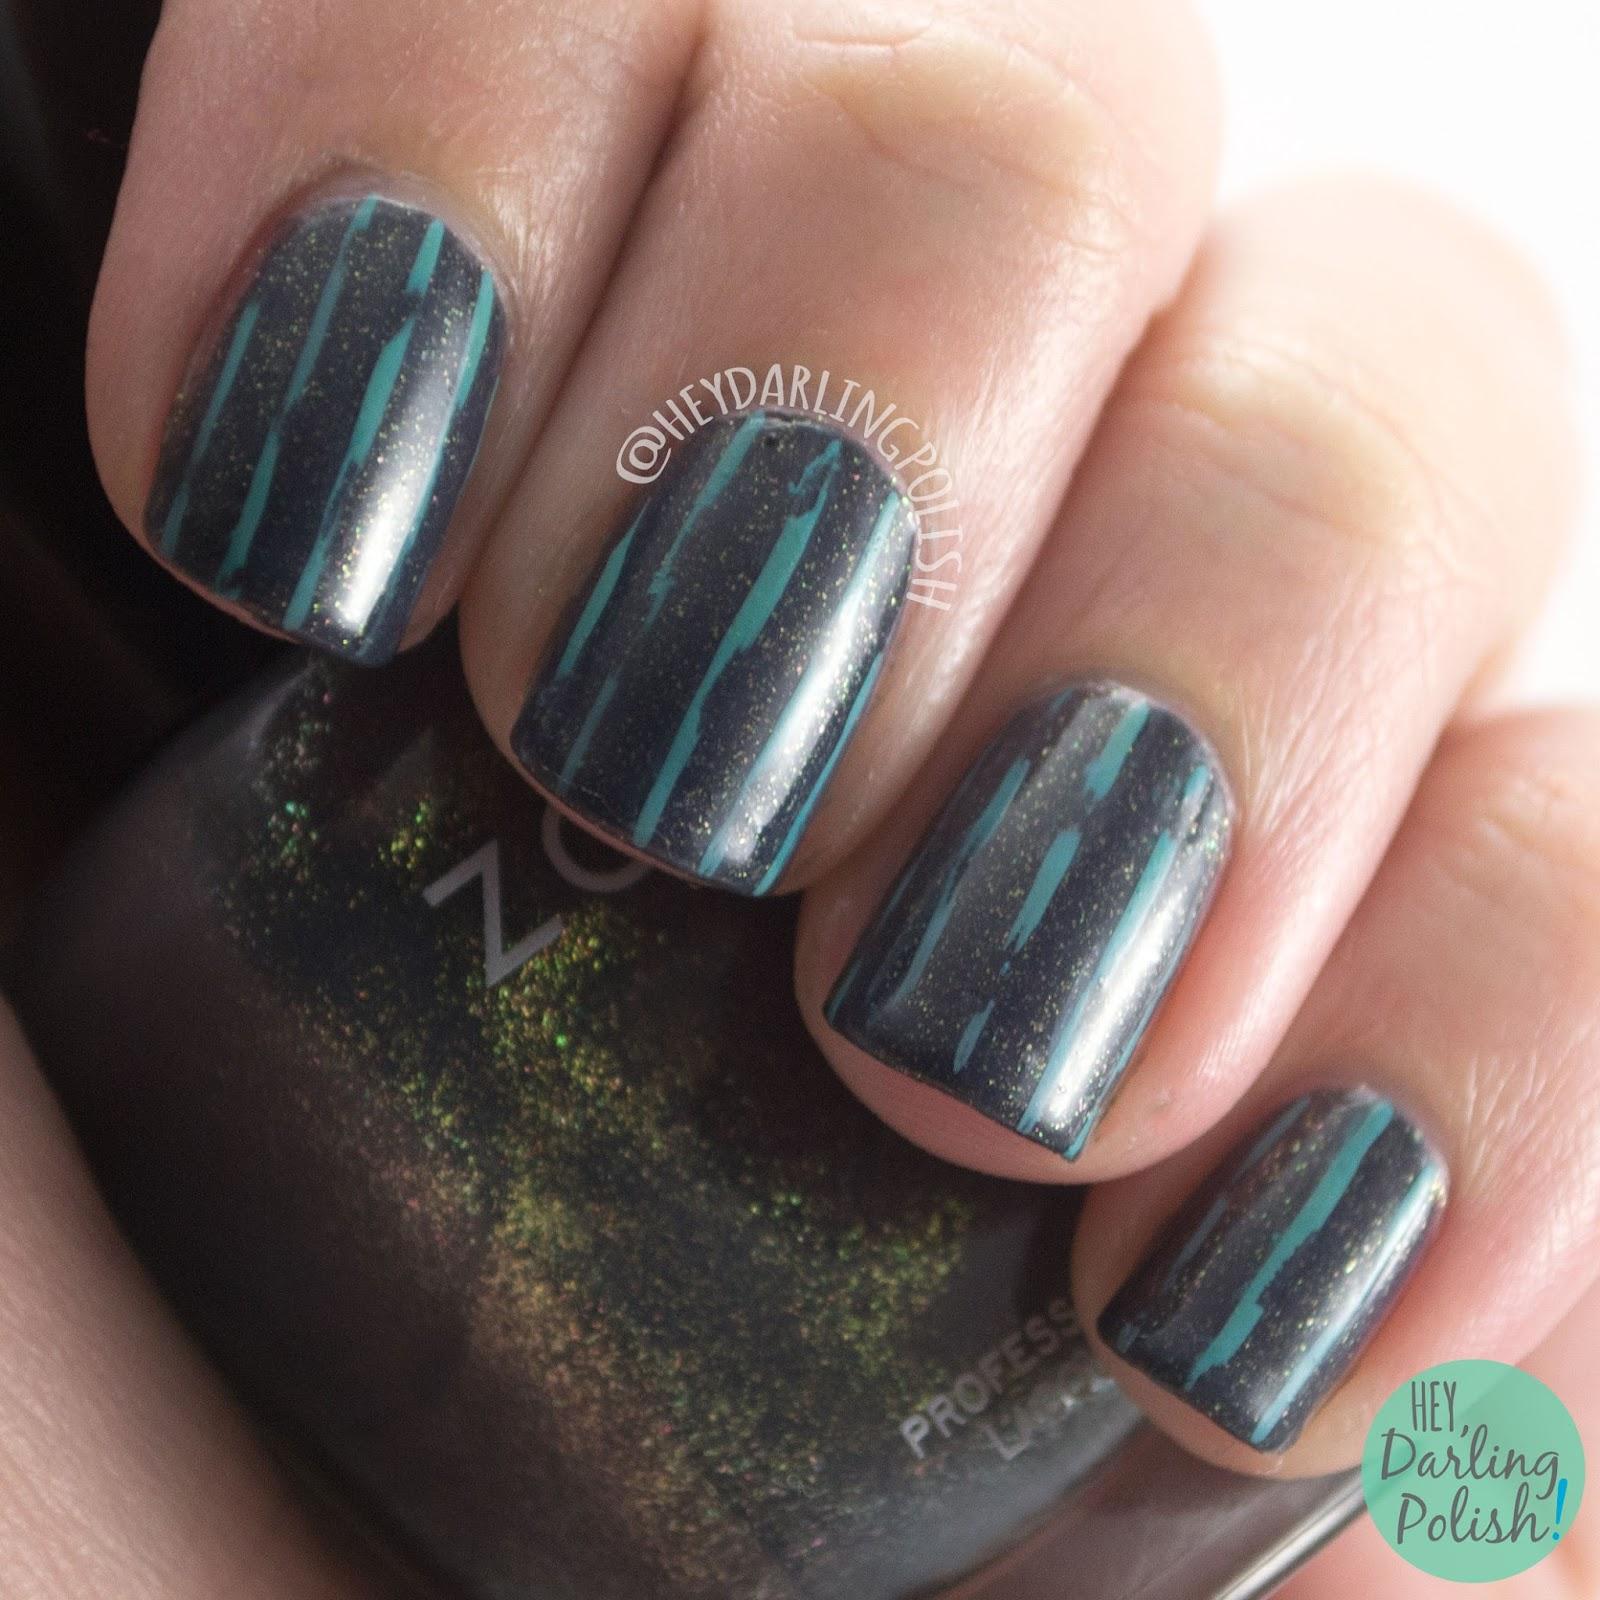 nails, nail art, nail polish, stripes, distressed, grey, hey darling polish, teal, 52 week challenge,